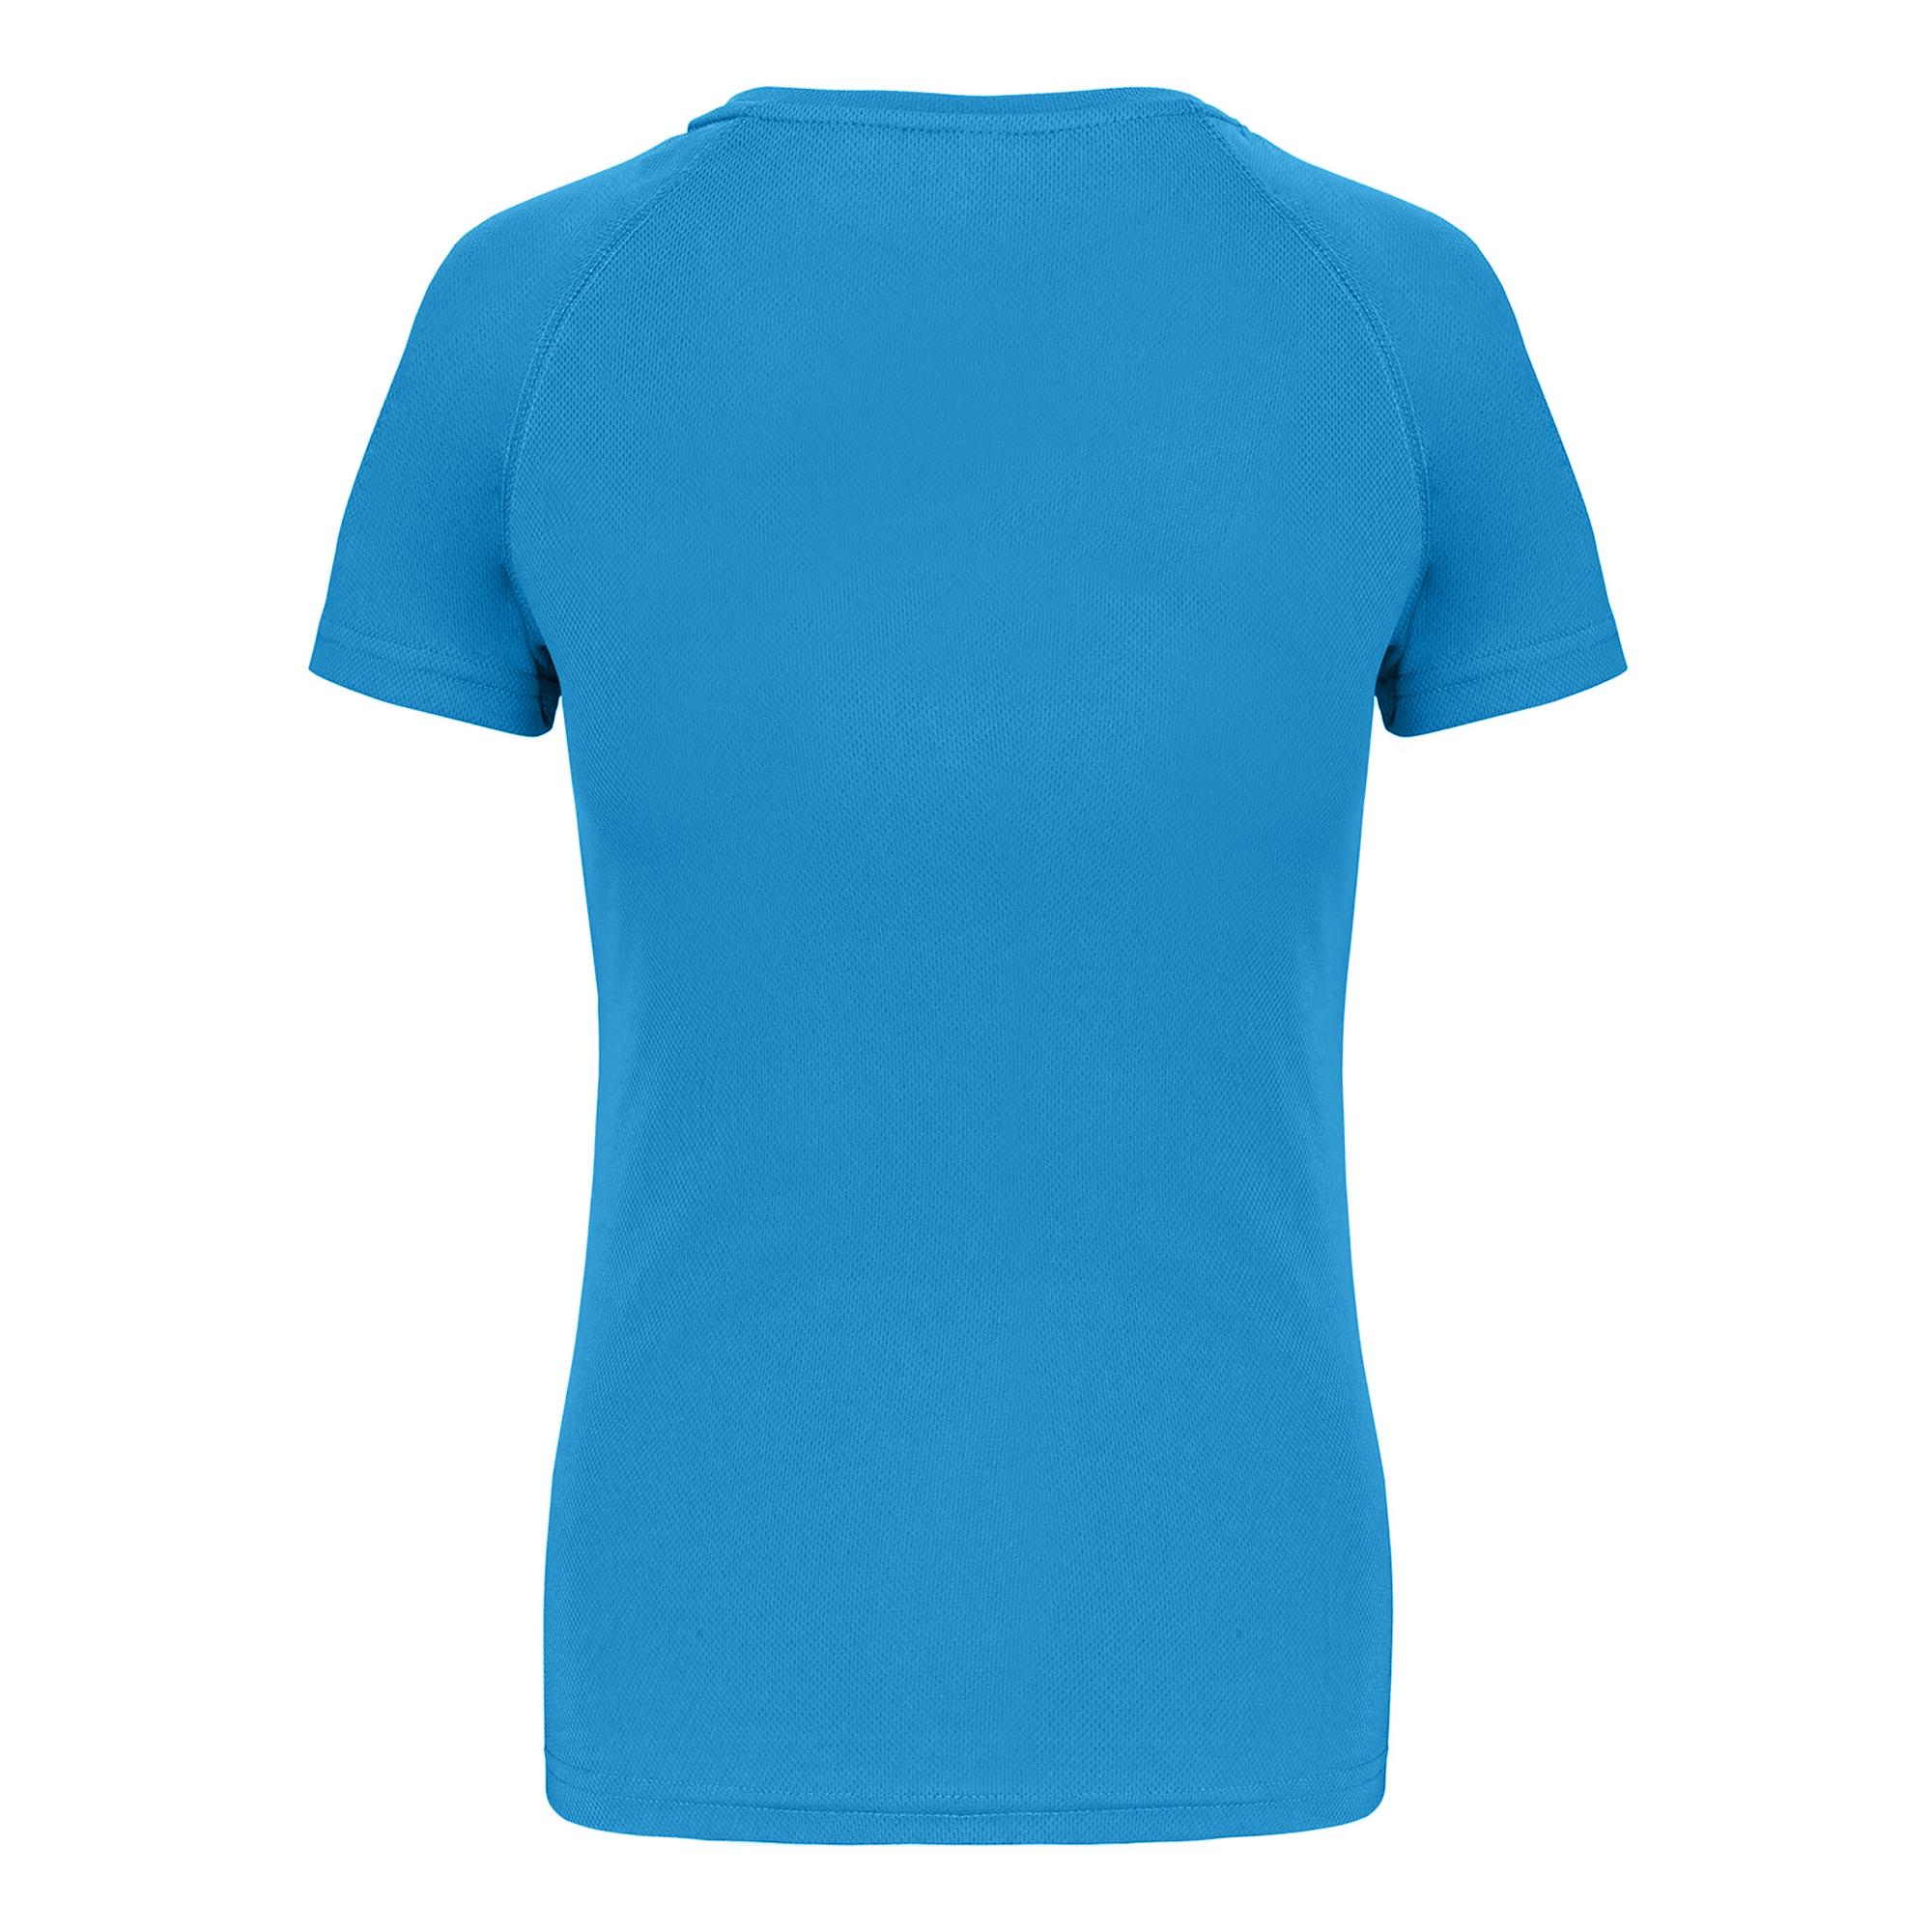 miniature 2 - T-shirt de sport Kariban, léger, à séchage rapide, femme et fille (RW2718)